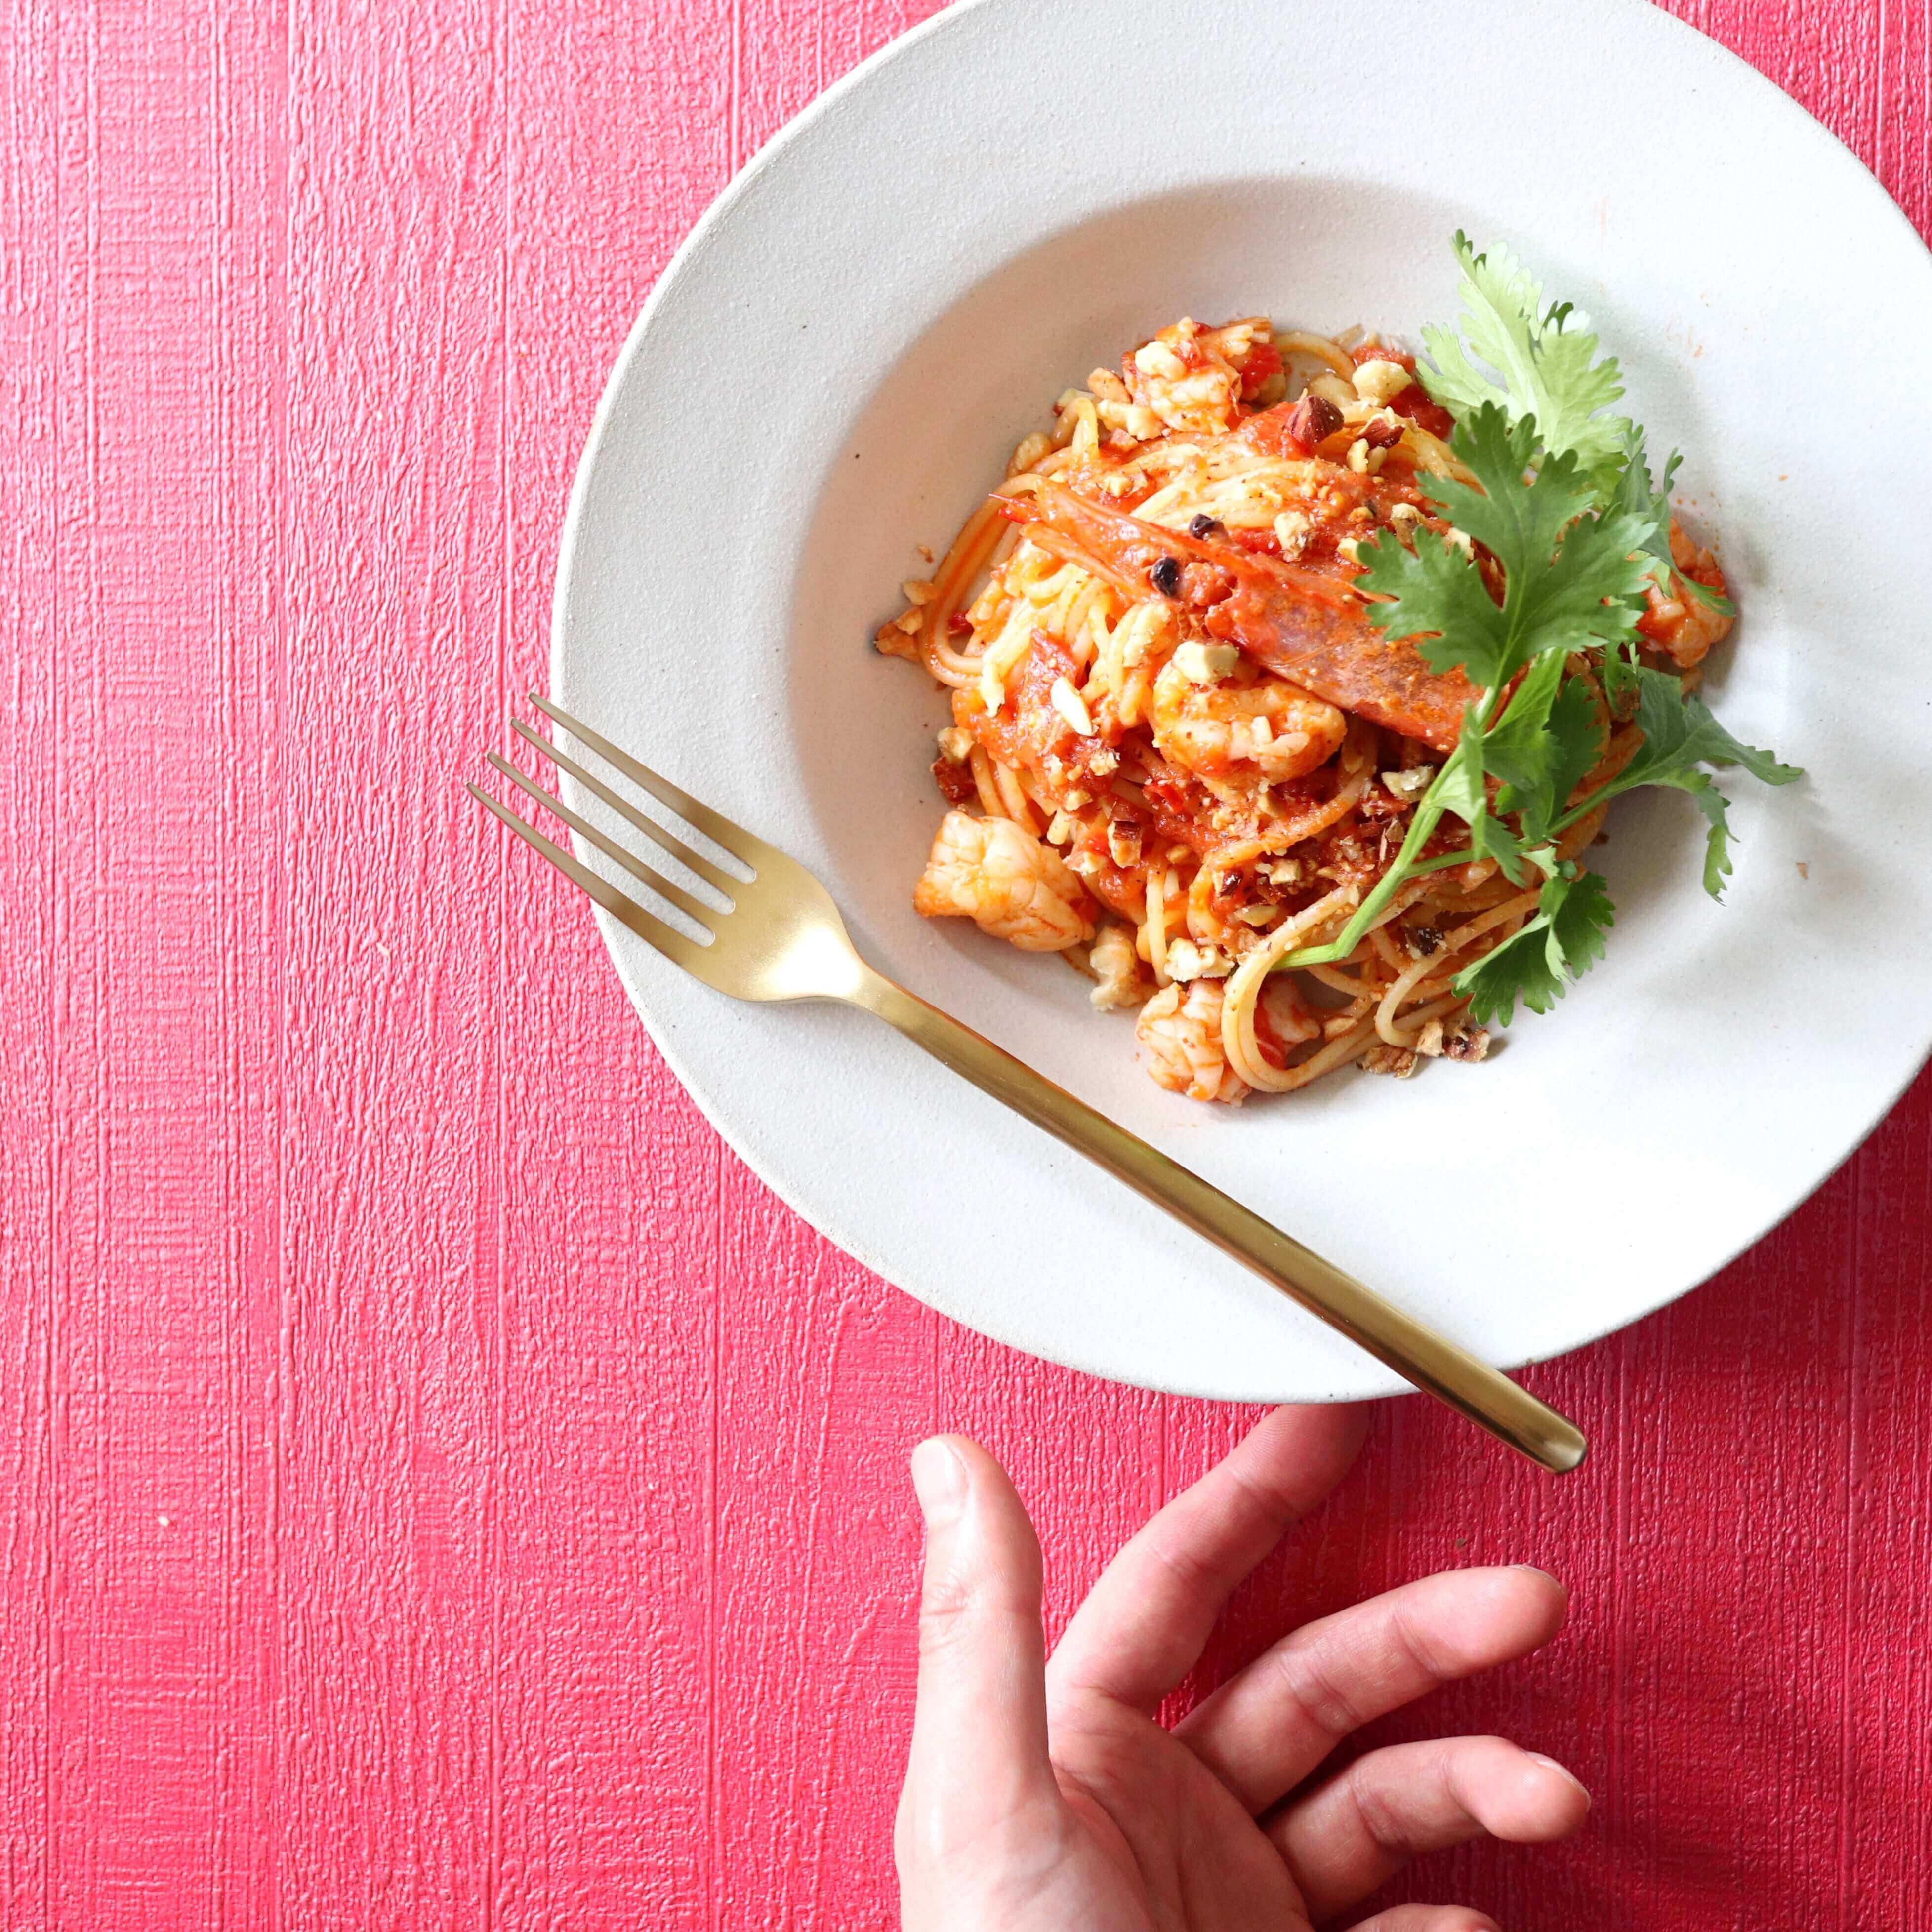 【まるでタイ料理!?】赤海老のエスニック風トマトパスタのレシピ